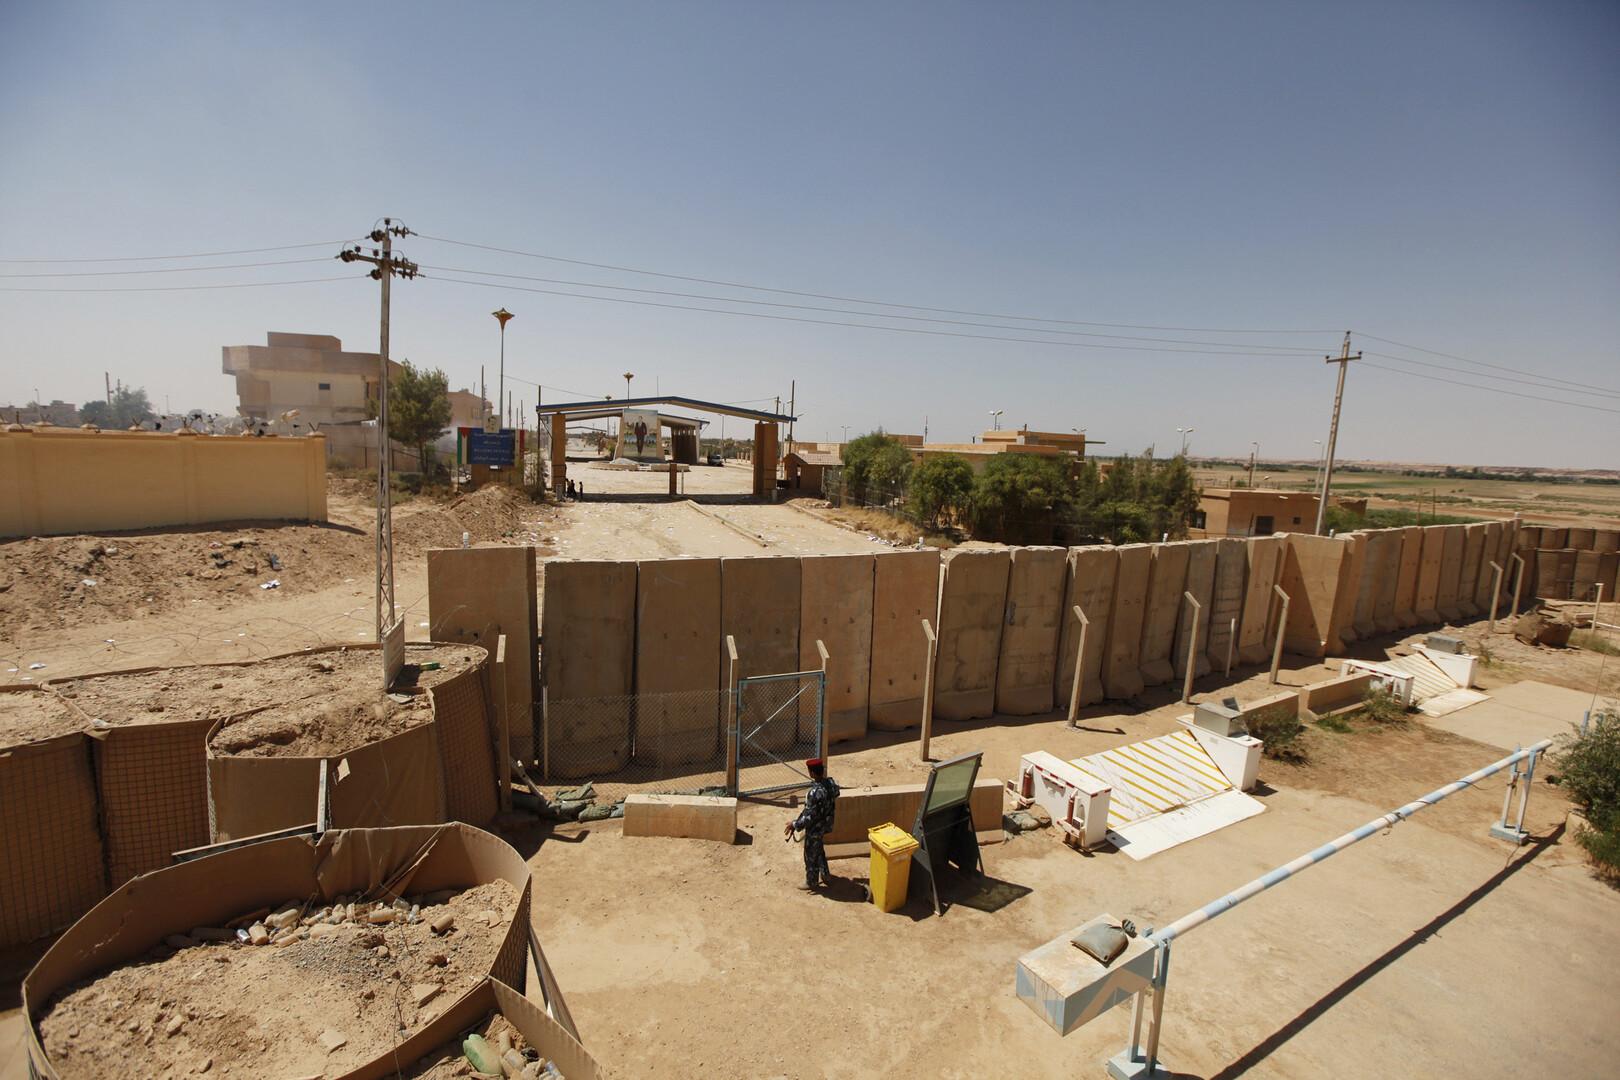 مصدر لـRT: لا يوجد أي قصف جوي على منطقة البوكمال خلال اليومين الماضيين